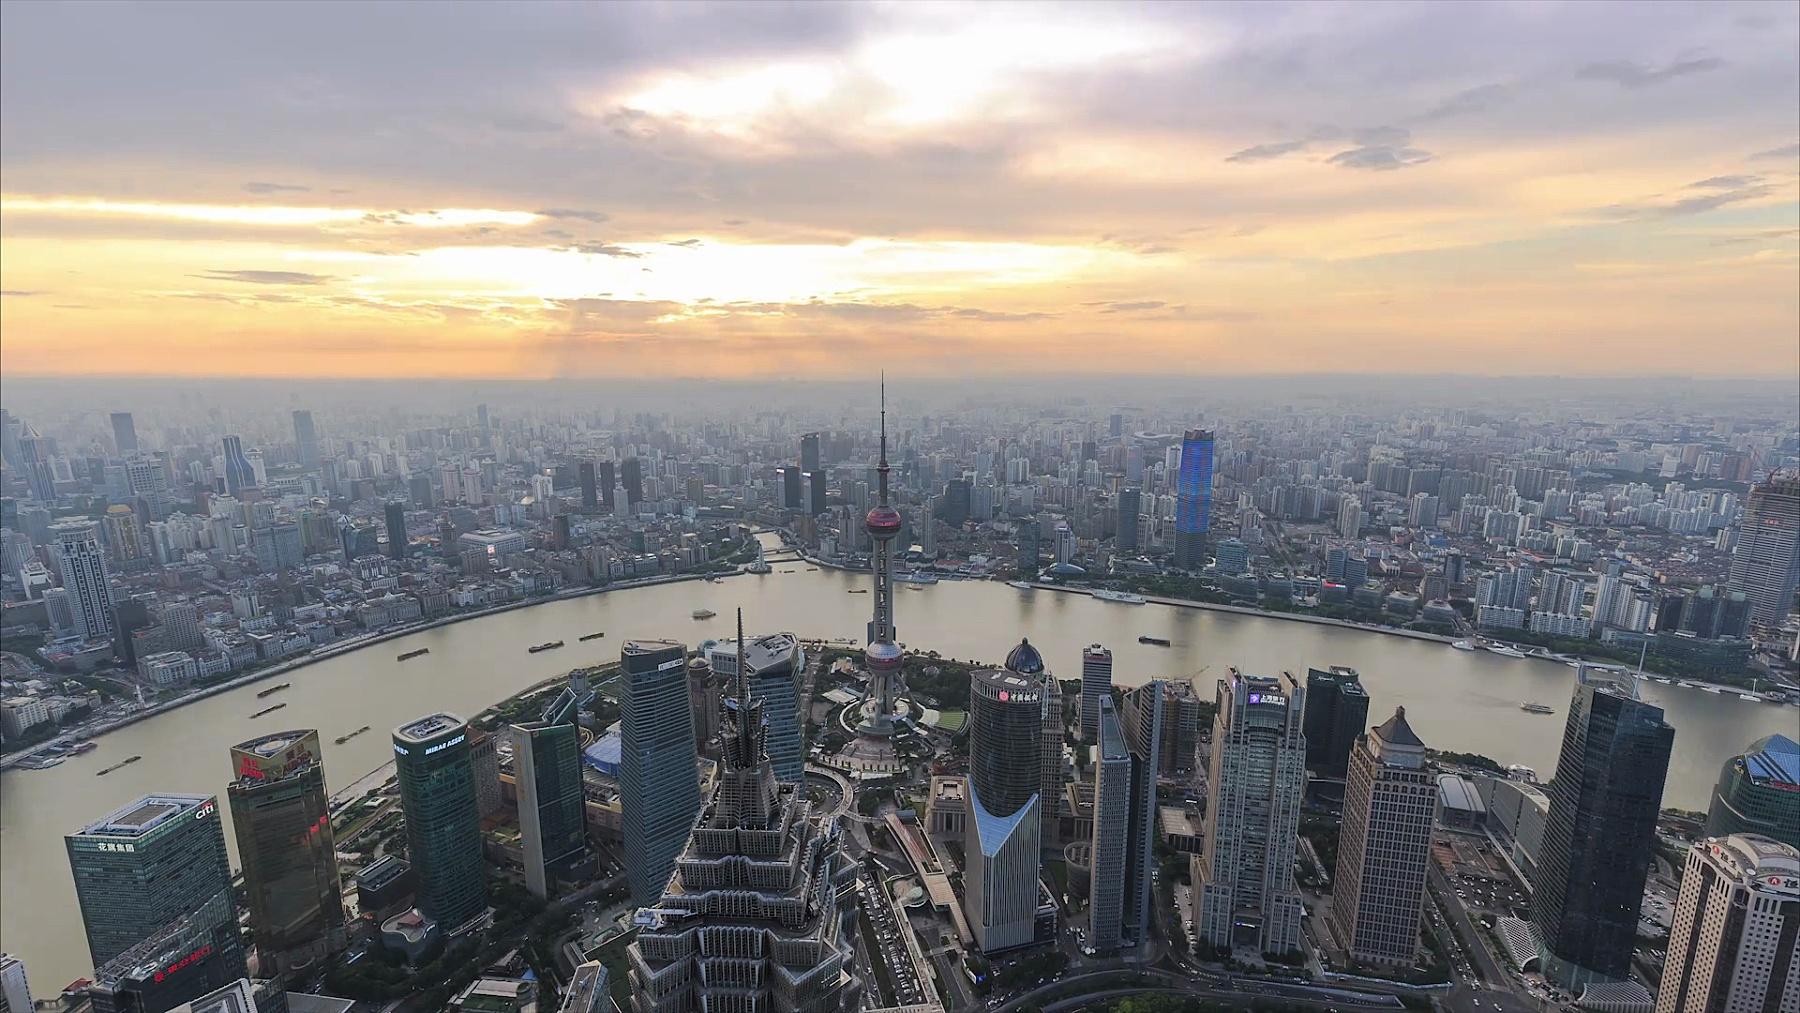 上海天际线和城市景观的日夜时差